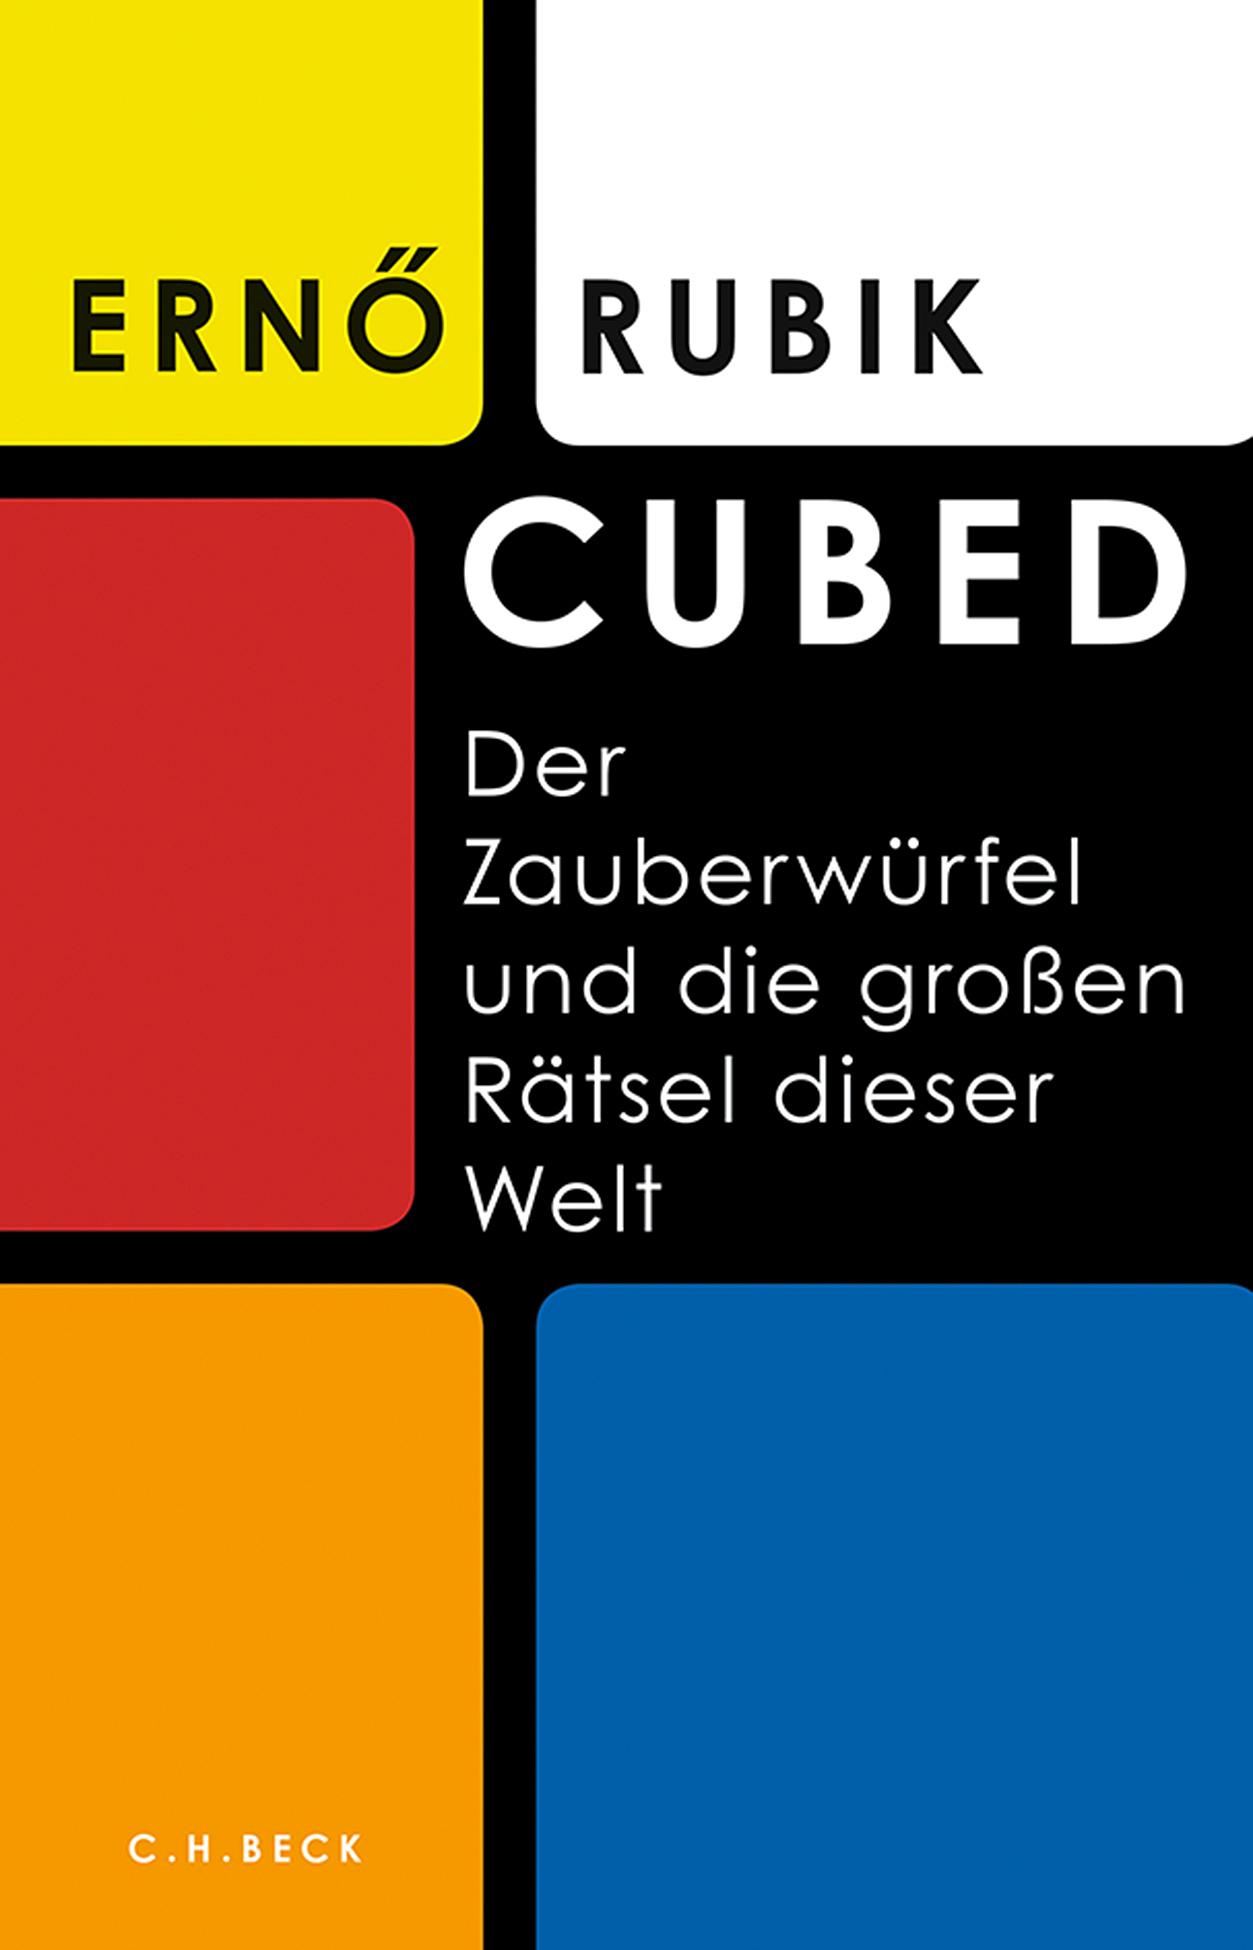 Auf den Spuren des Rubik's Cube